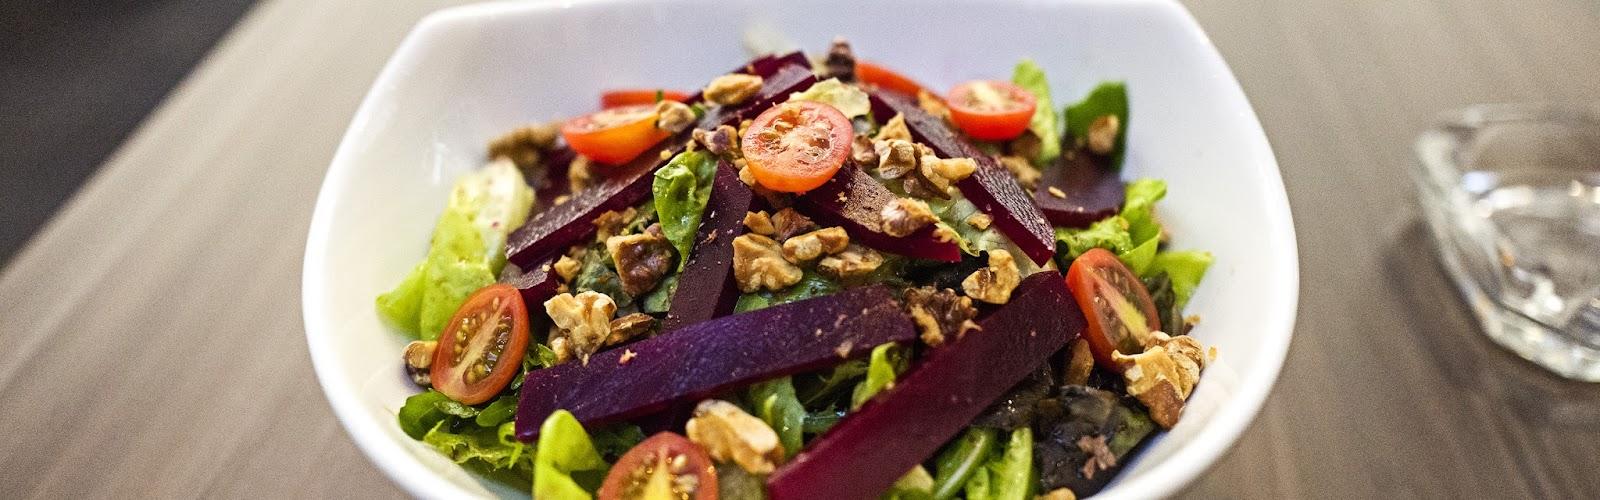 f-salad-L1050629.jpg